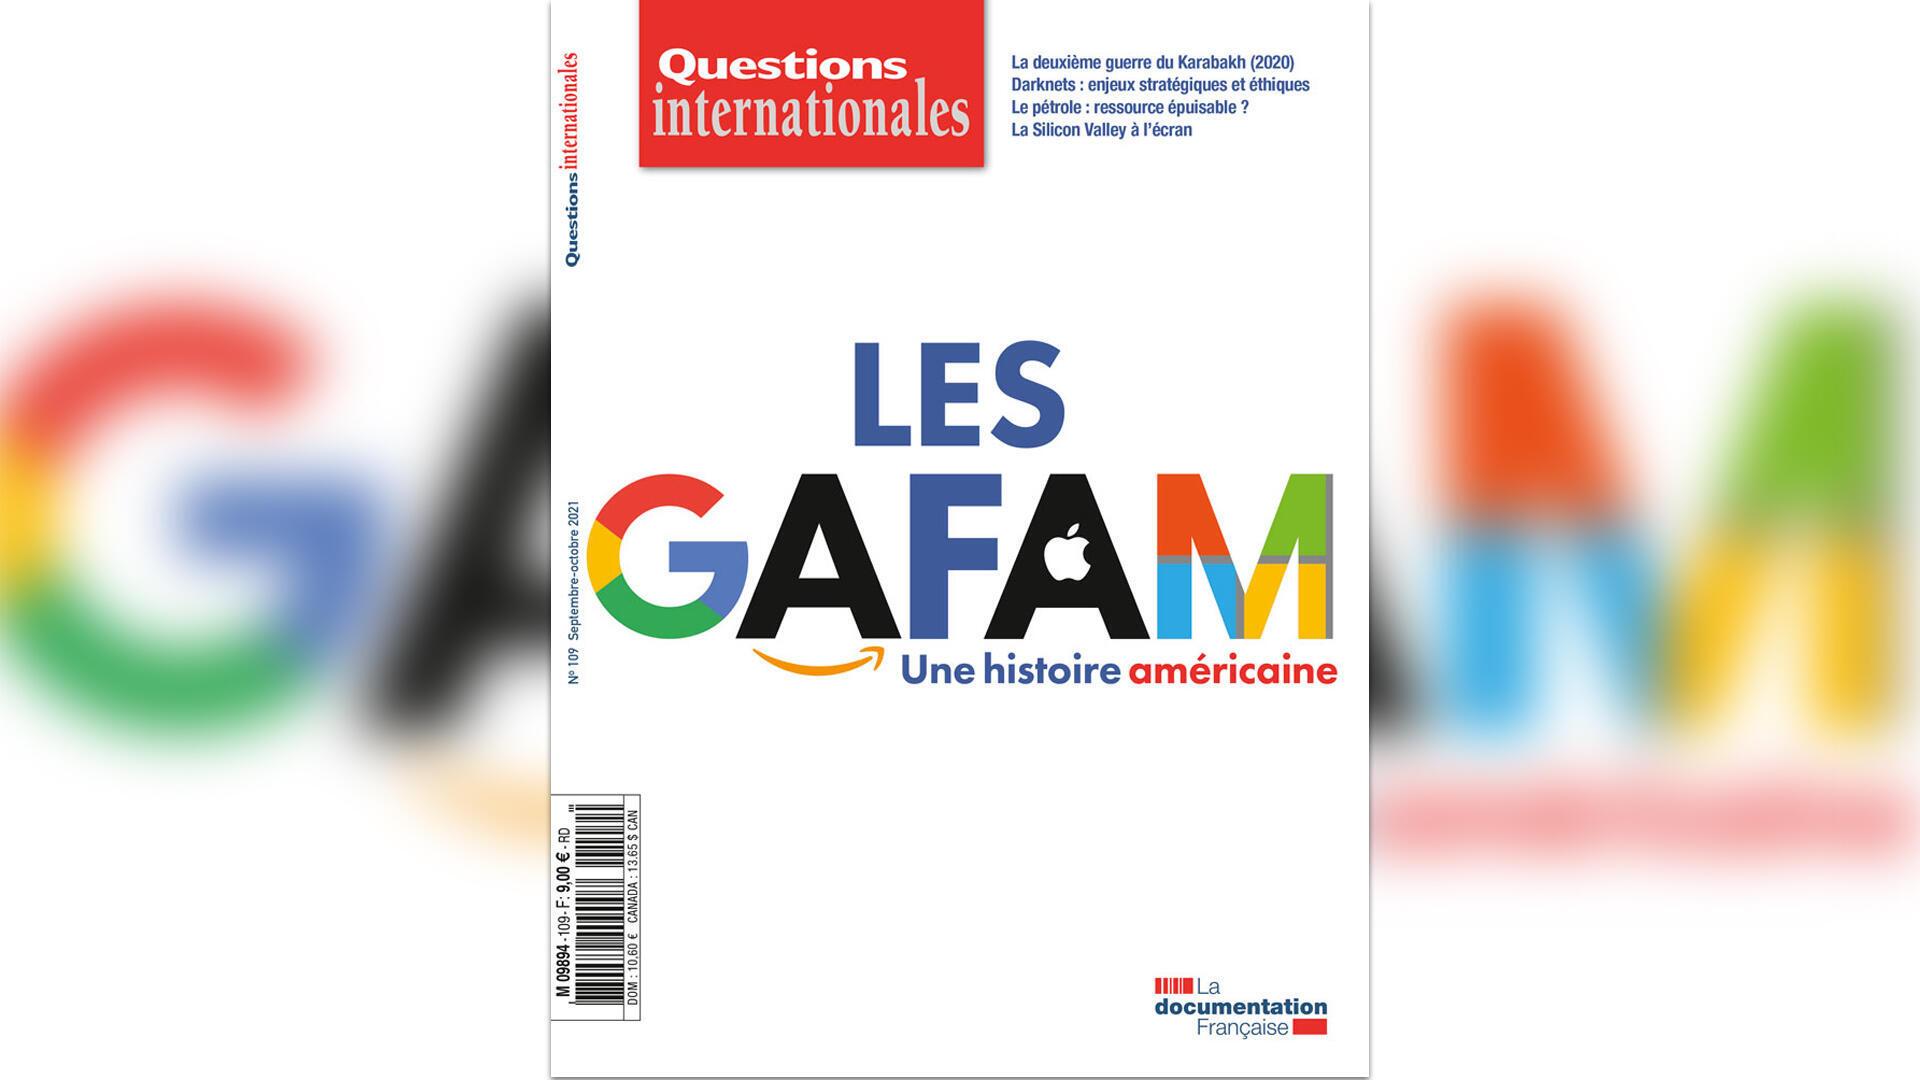 couverture questions internationales - Gafam - Géopolitique le débat